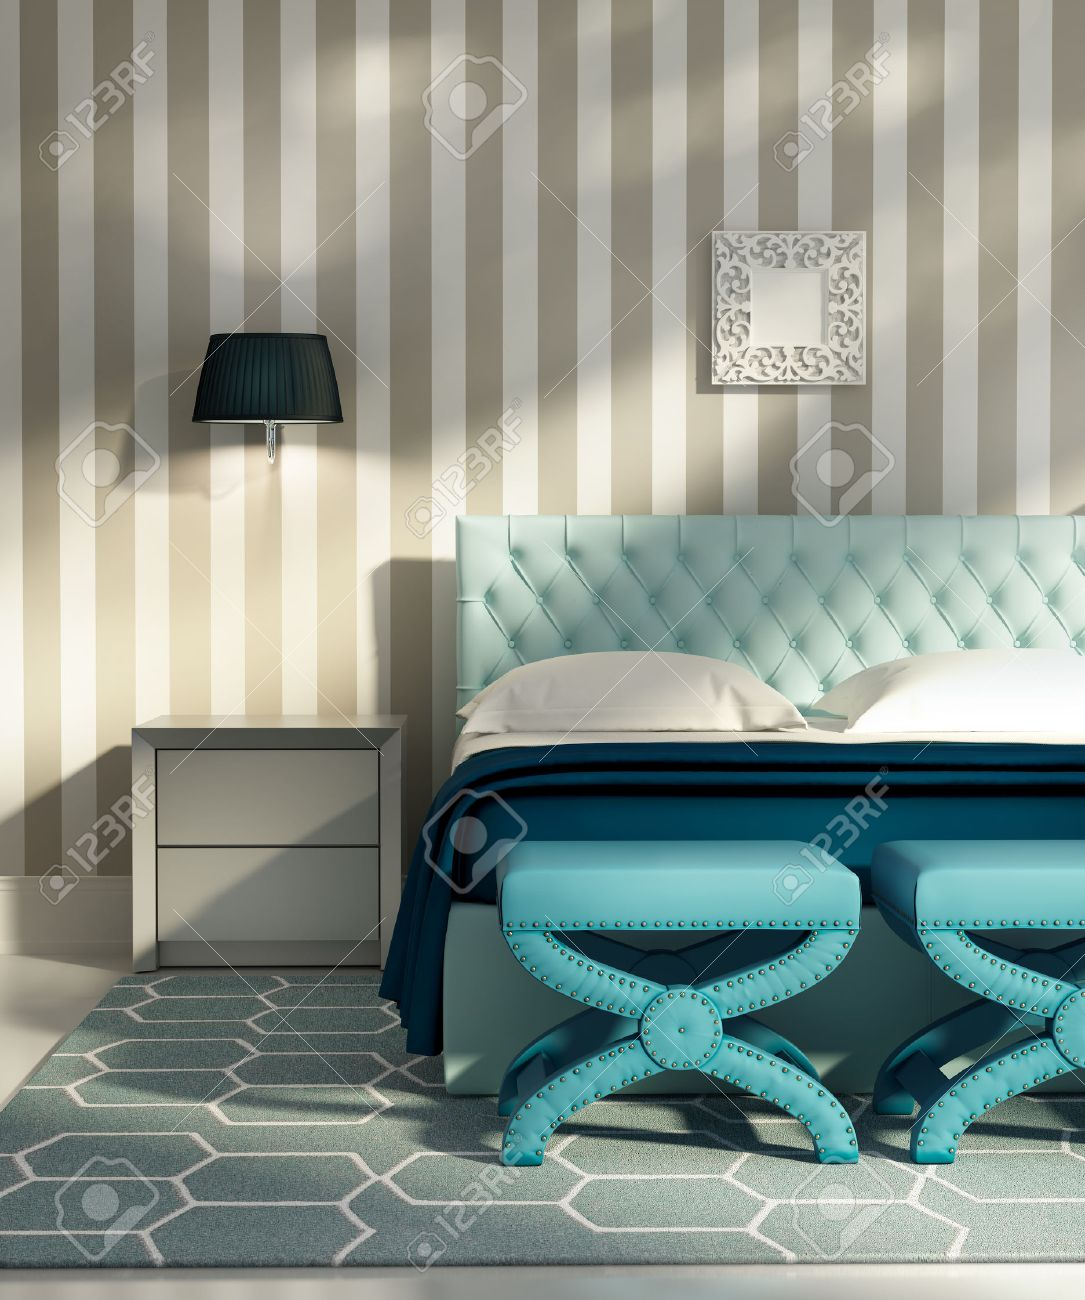 Contemporaine Elegante Chambre De Luxe Avec Des Tabourets Bleu Et Un Papier Peint A Rayures